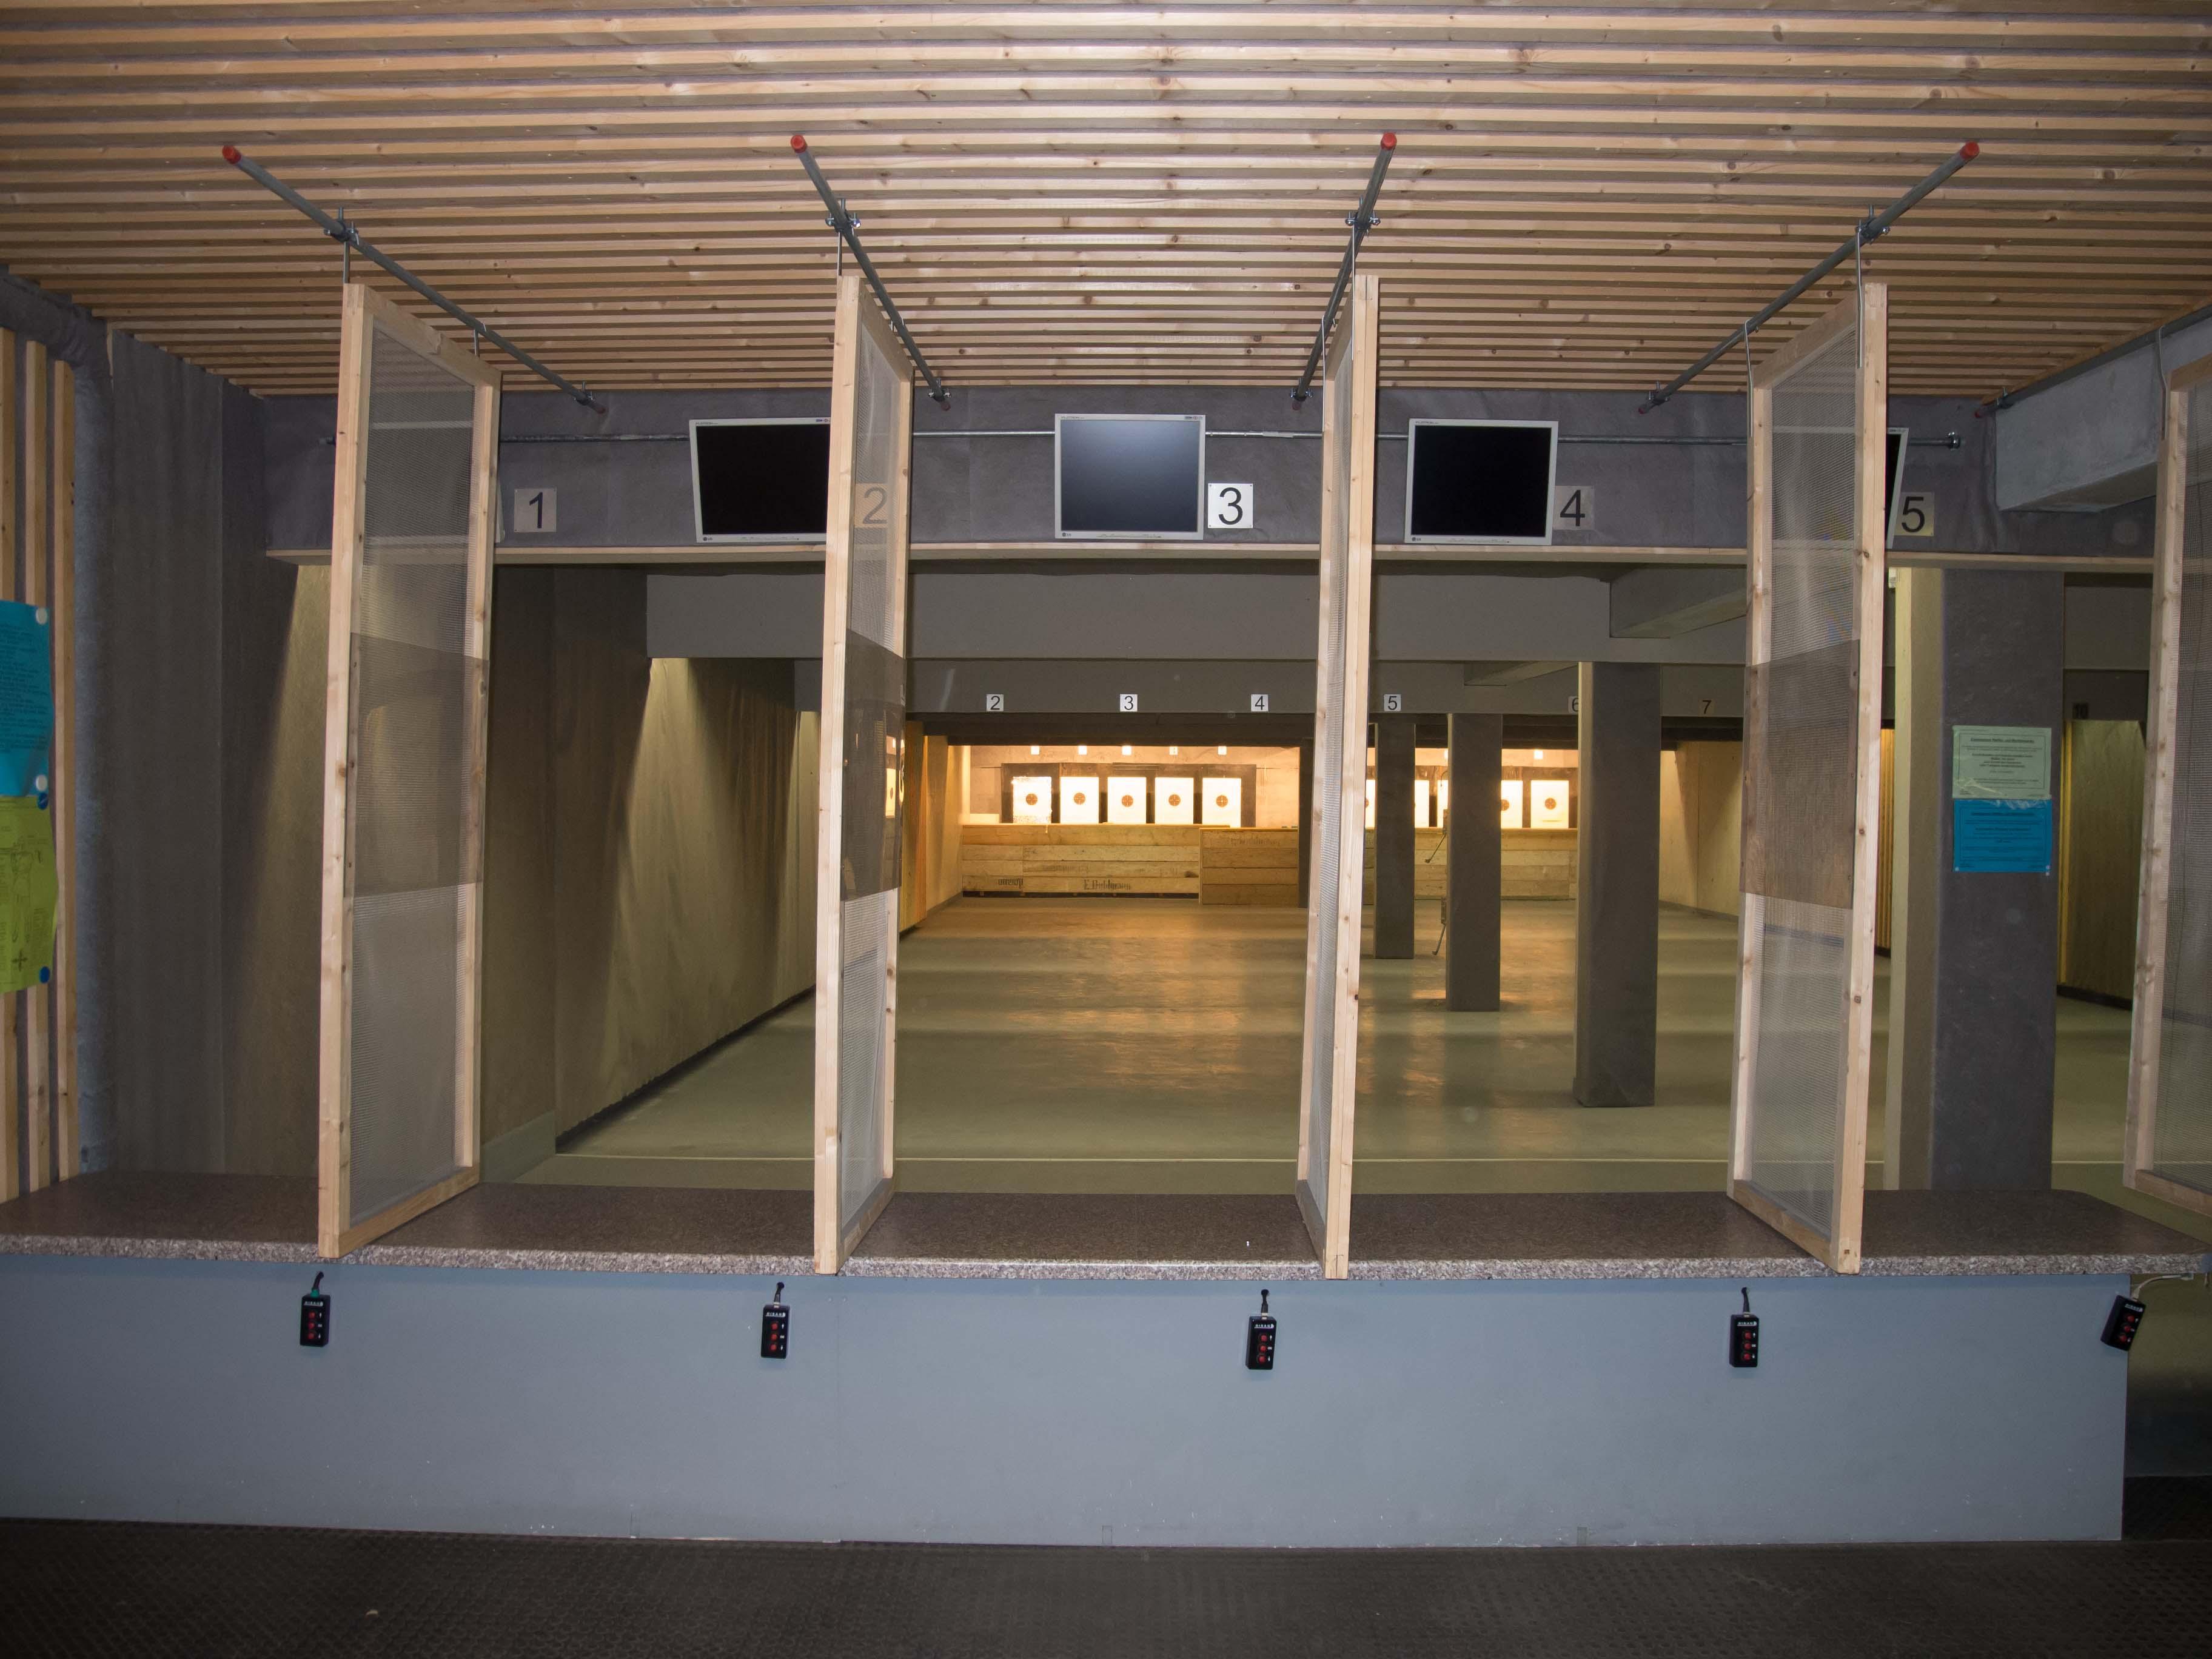 sch tzenverein gut schuss nieder eschbach e v frankfurt nieder eschbach. Black Bedroom Furniture Sets. Home Design Ideas